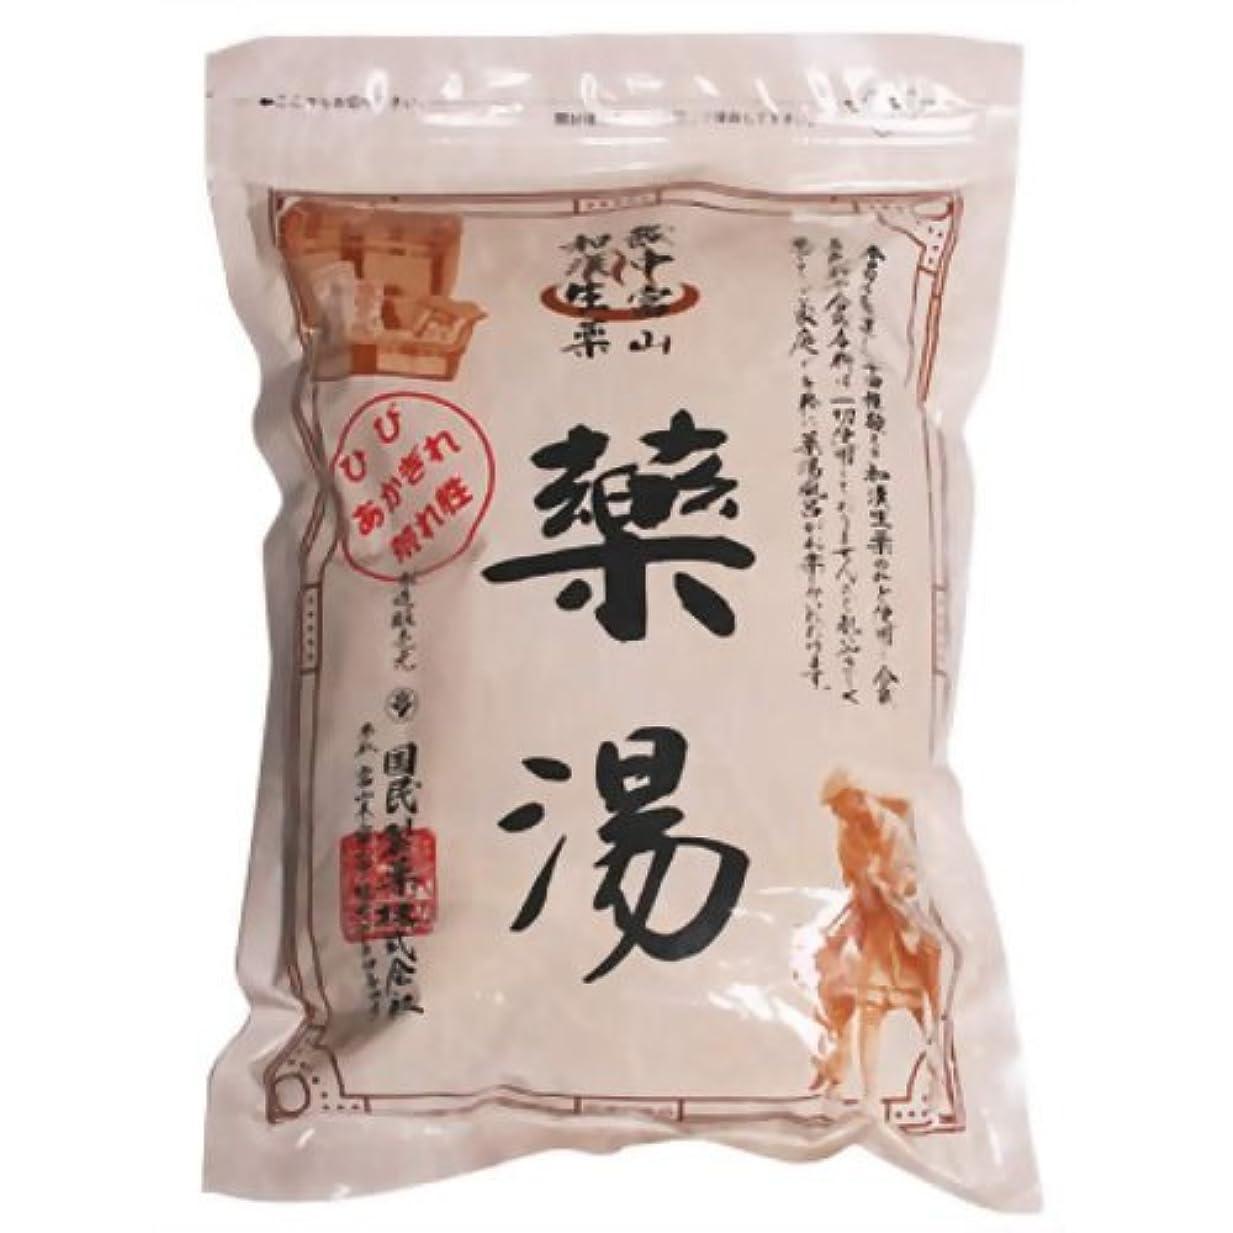 ボウリング牛肉考古学的な薬湯 寿湯 40g*10包(入浴剤)